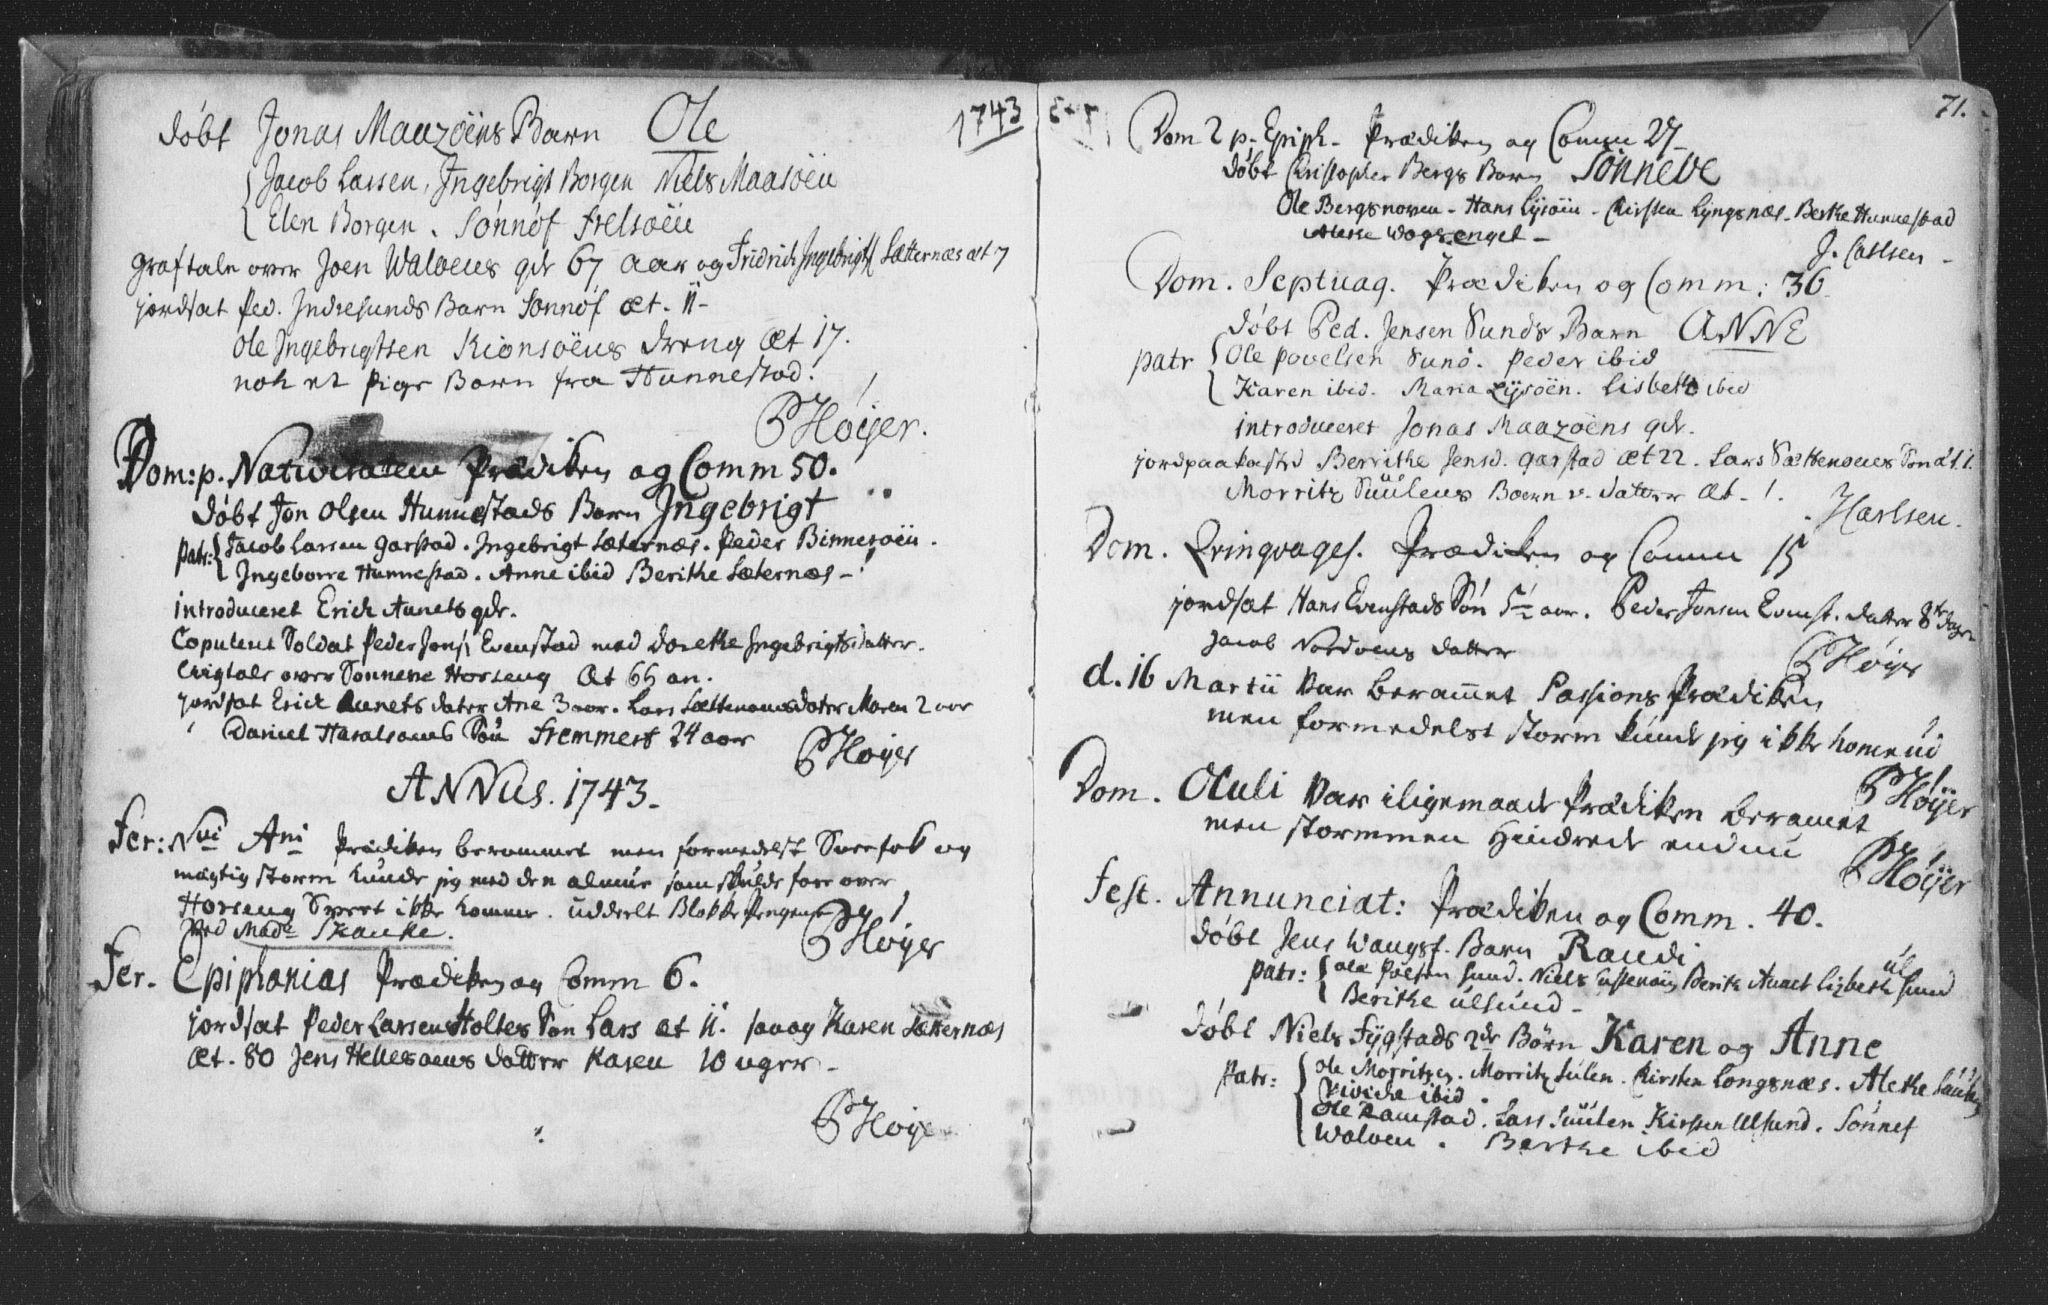 SAT, Ministerialprotokoller, klokkerbøker og fødselsregistre - Nord-Trøndelag, 786/L0685: Ministerialbok nr. 786A01, 1710-1798, s. 71